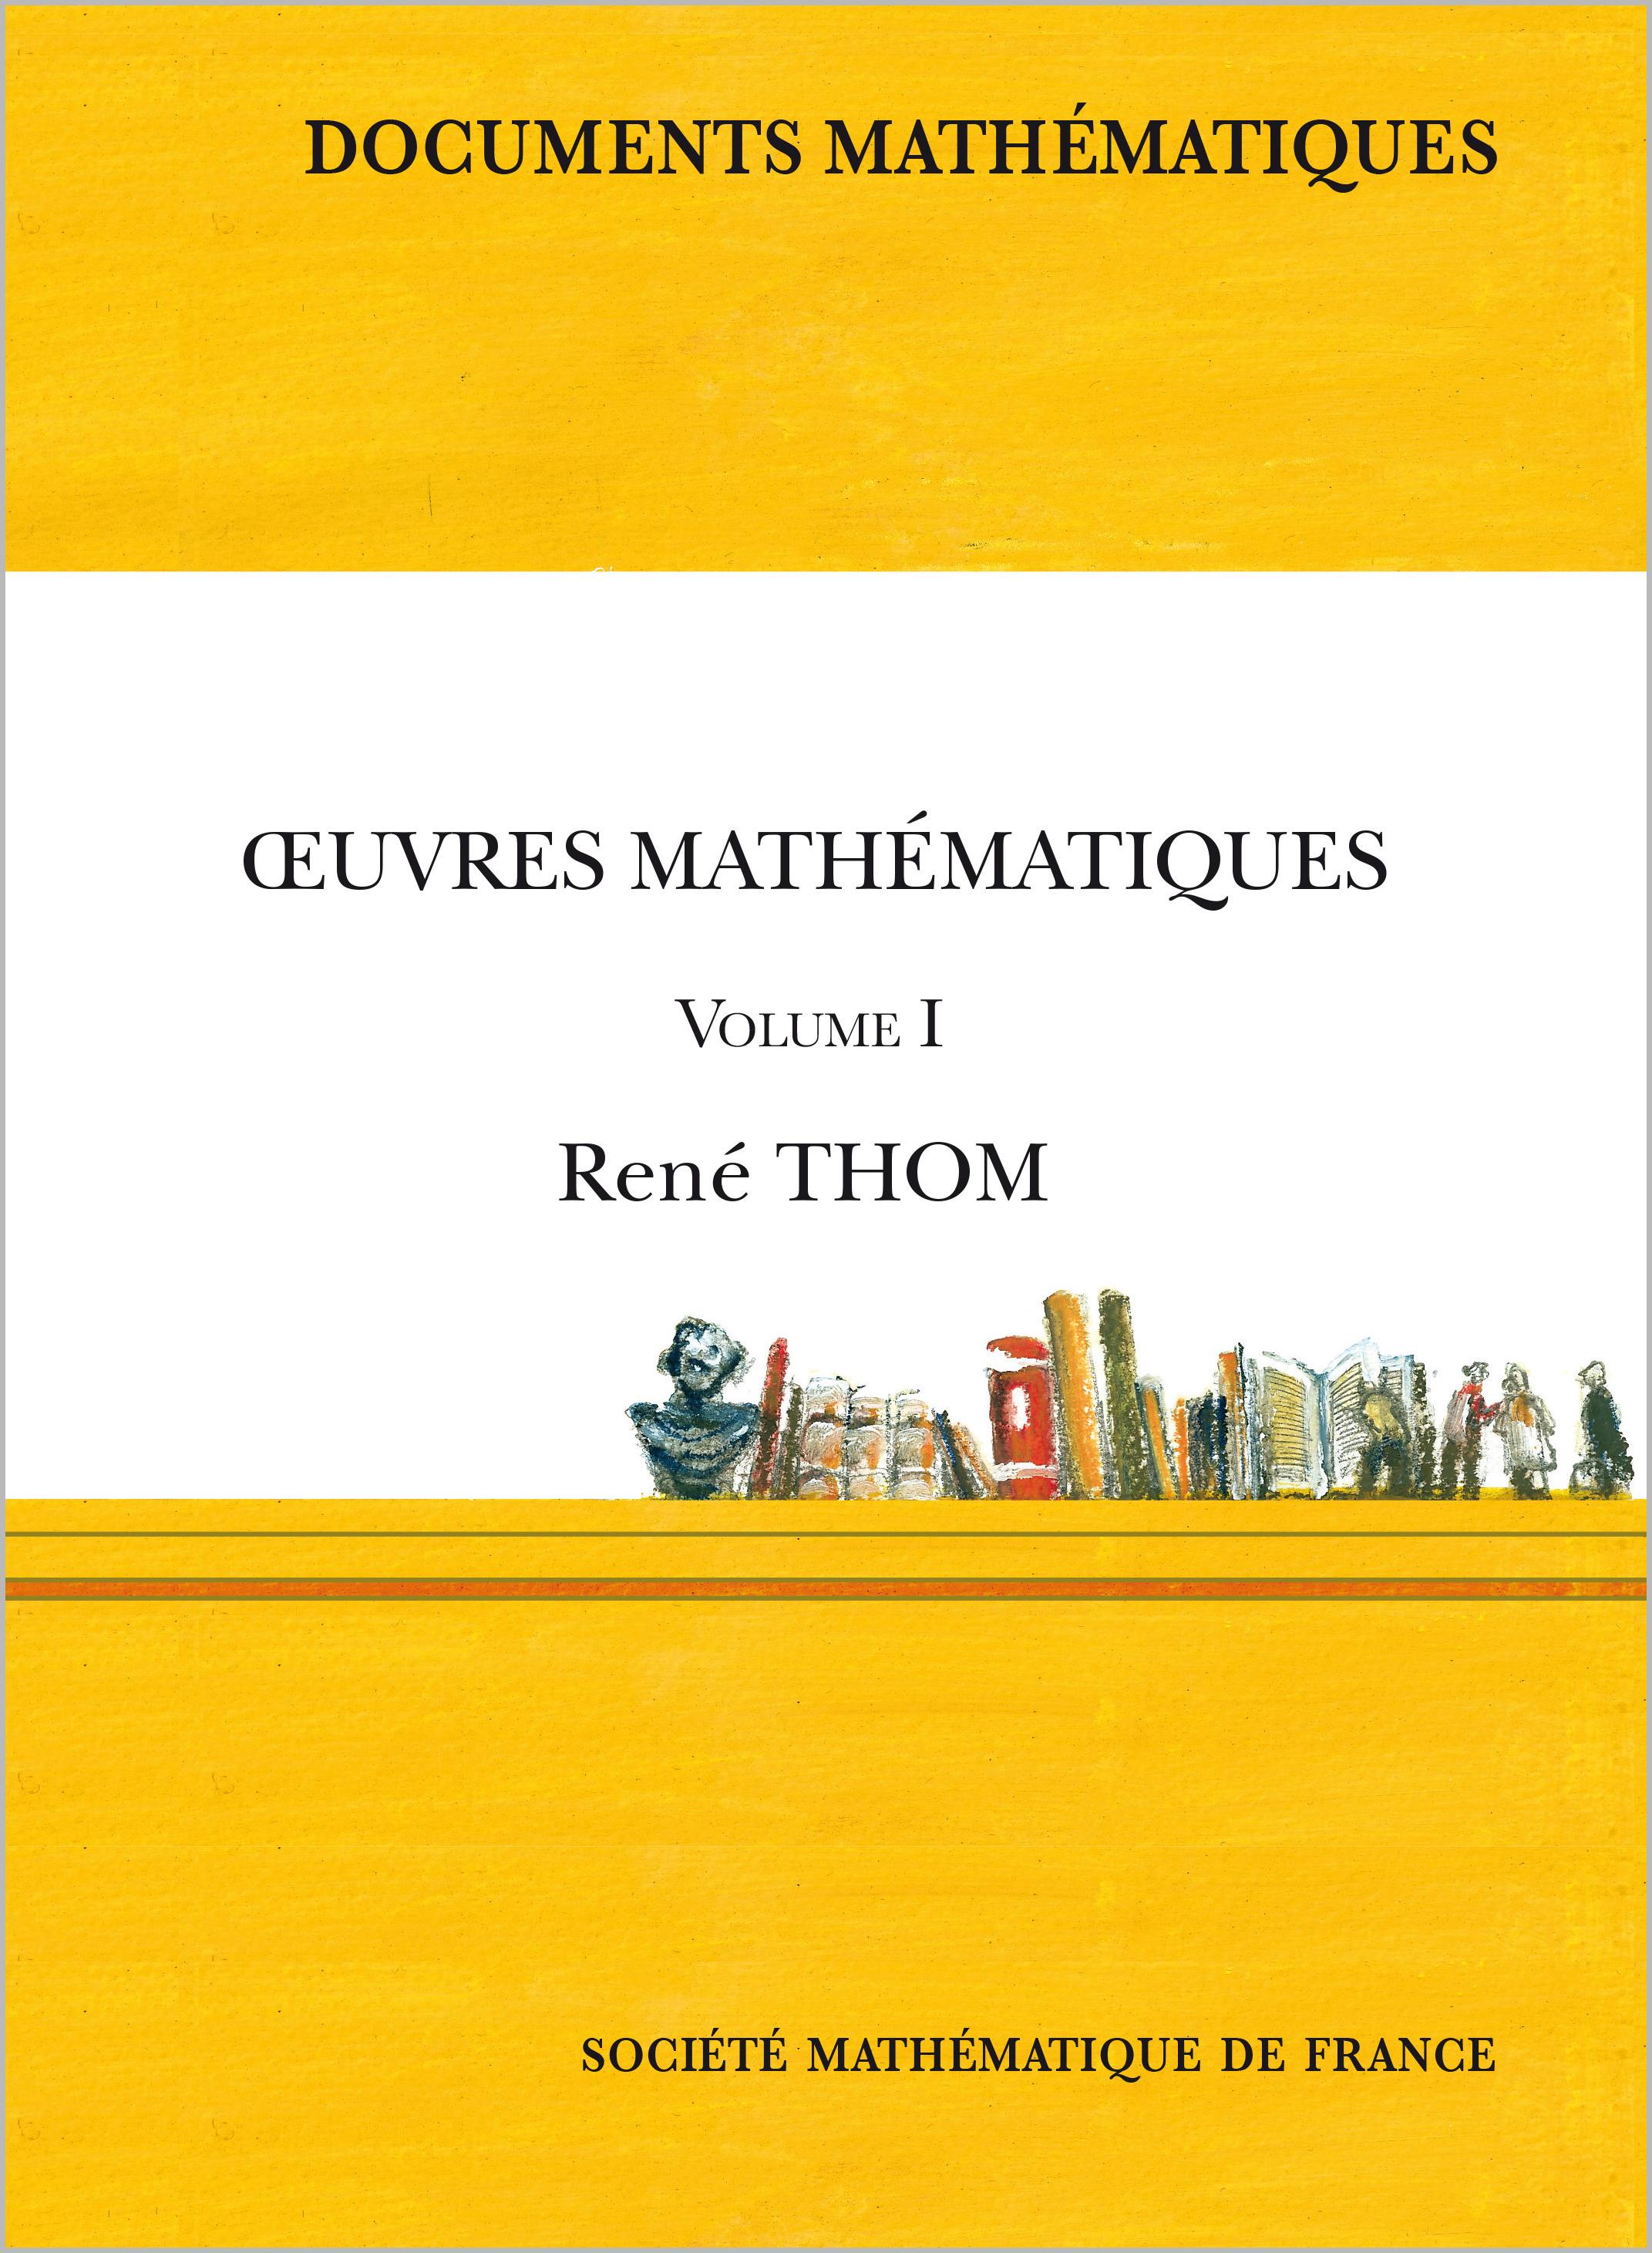 Documents mathématiques